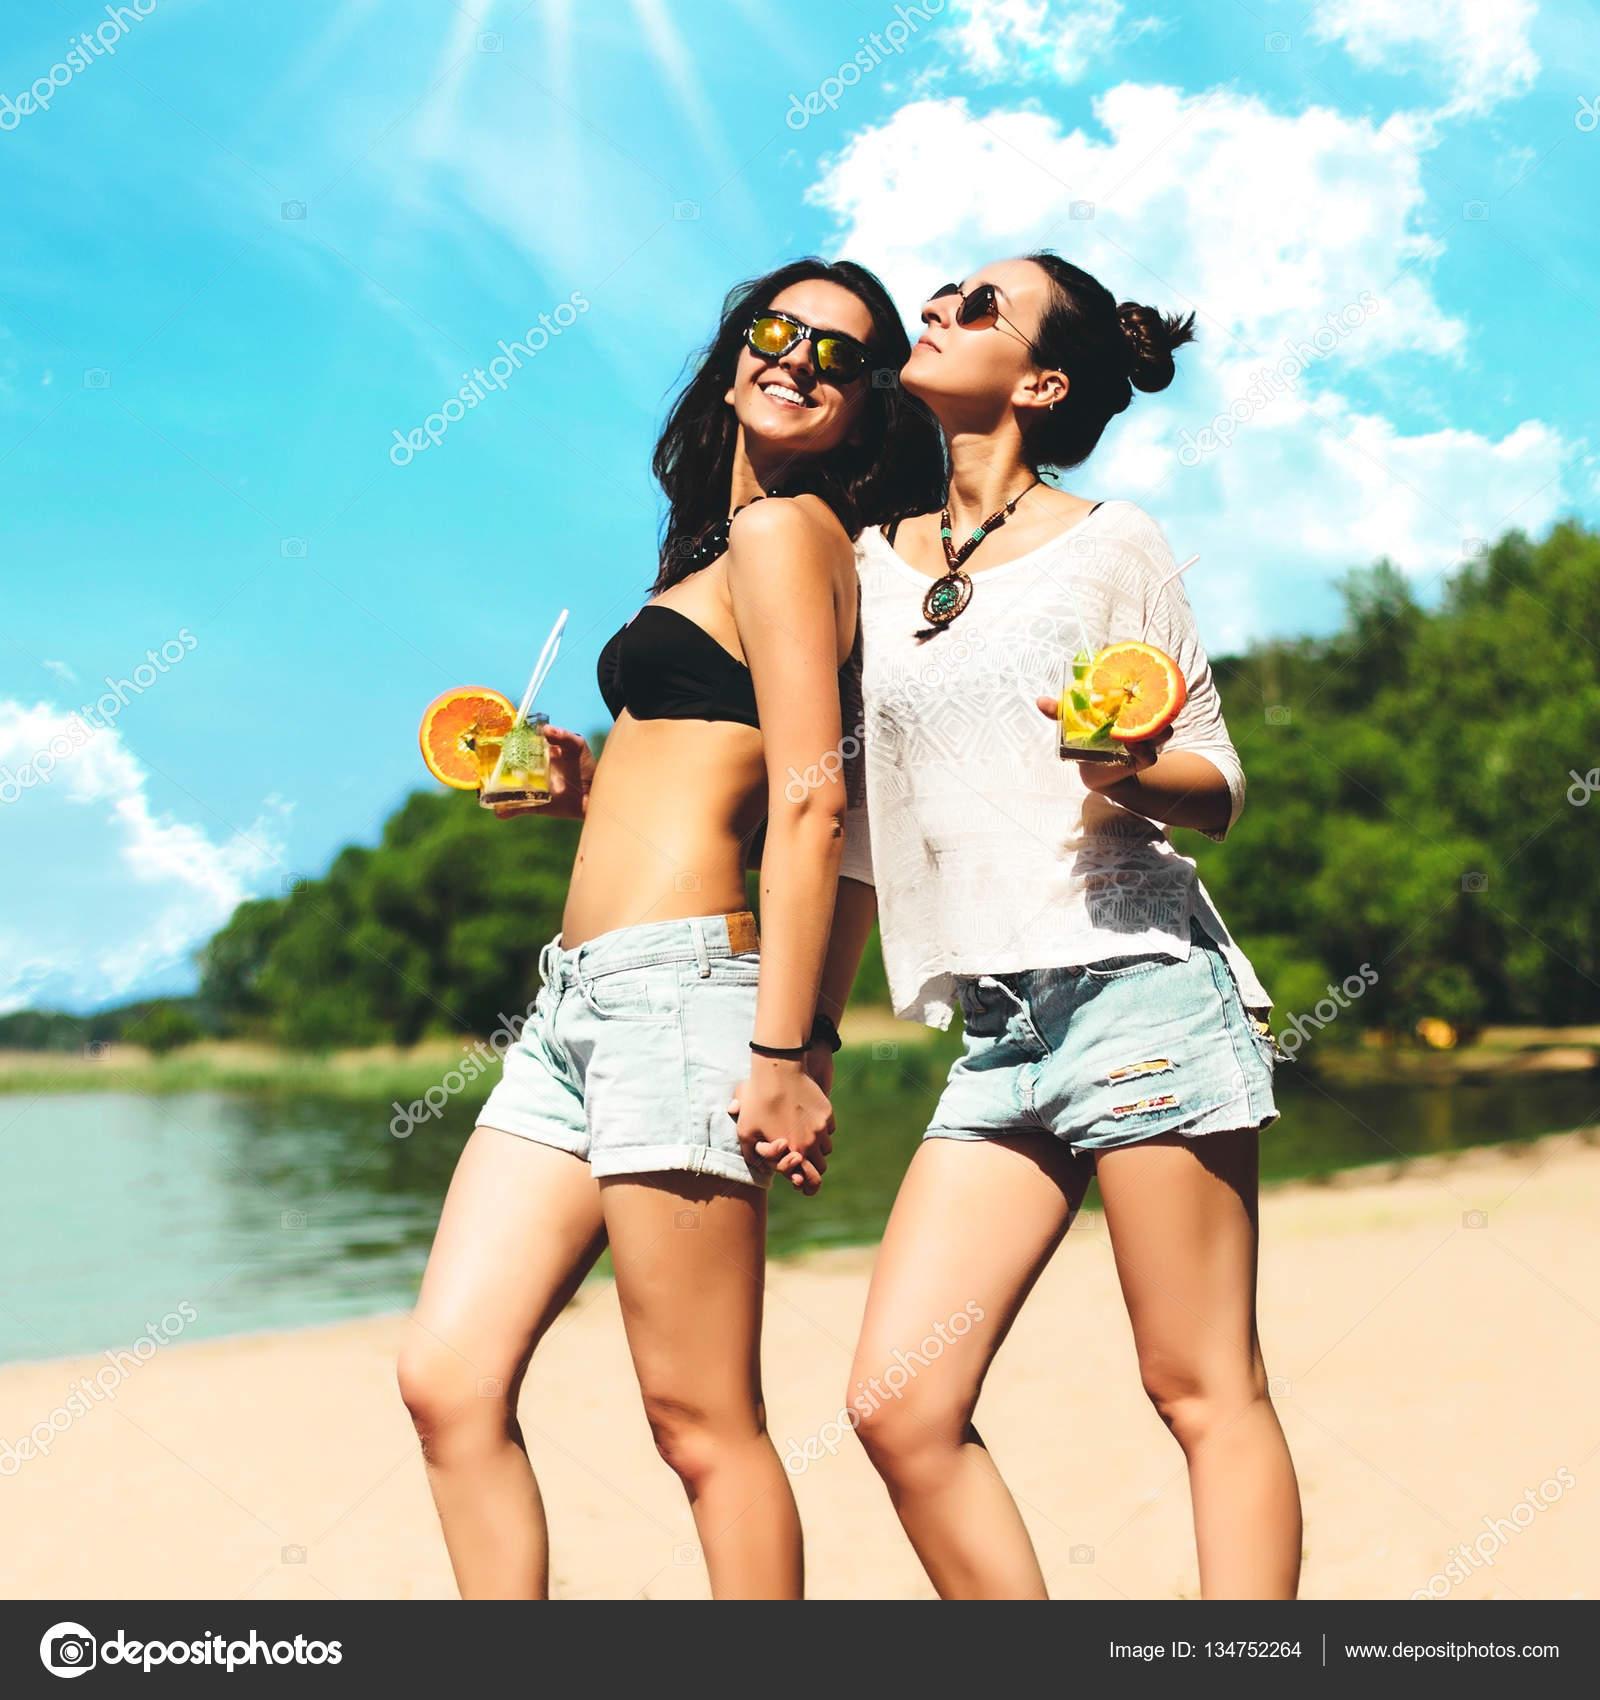 Стильные девушки на пляже фото